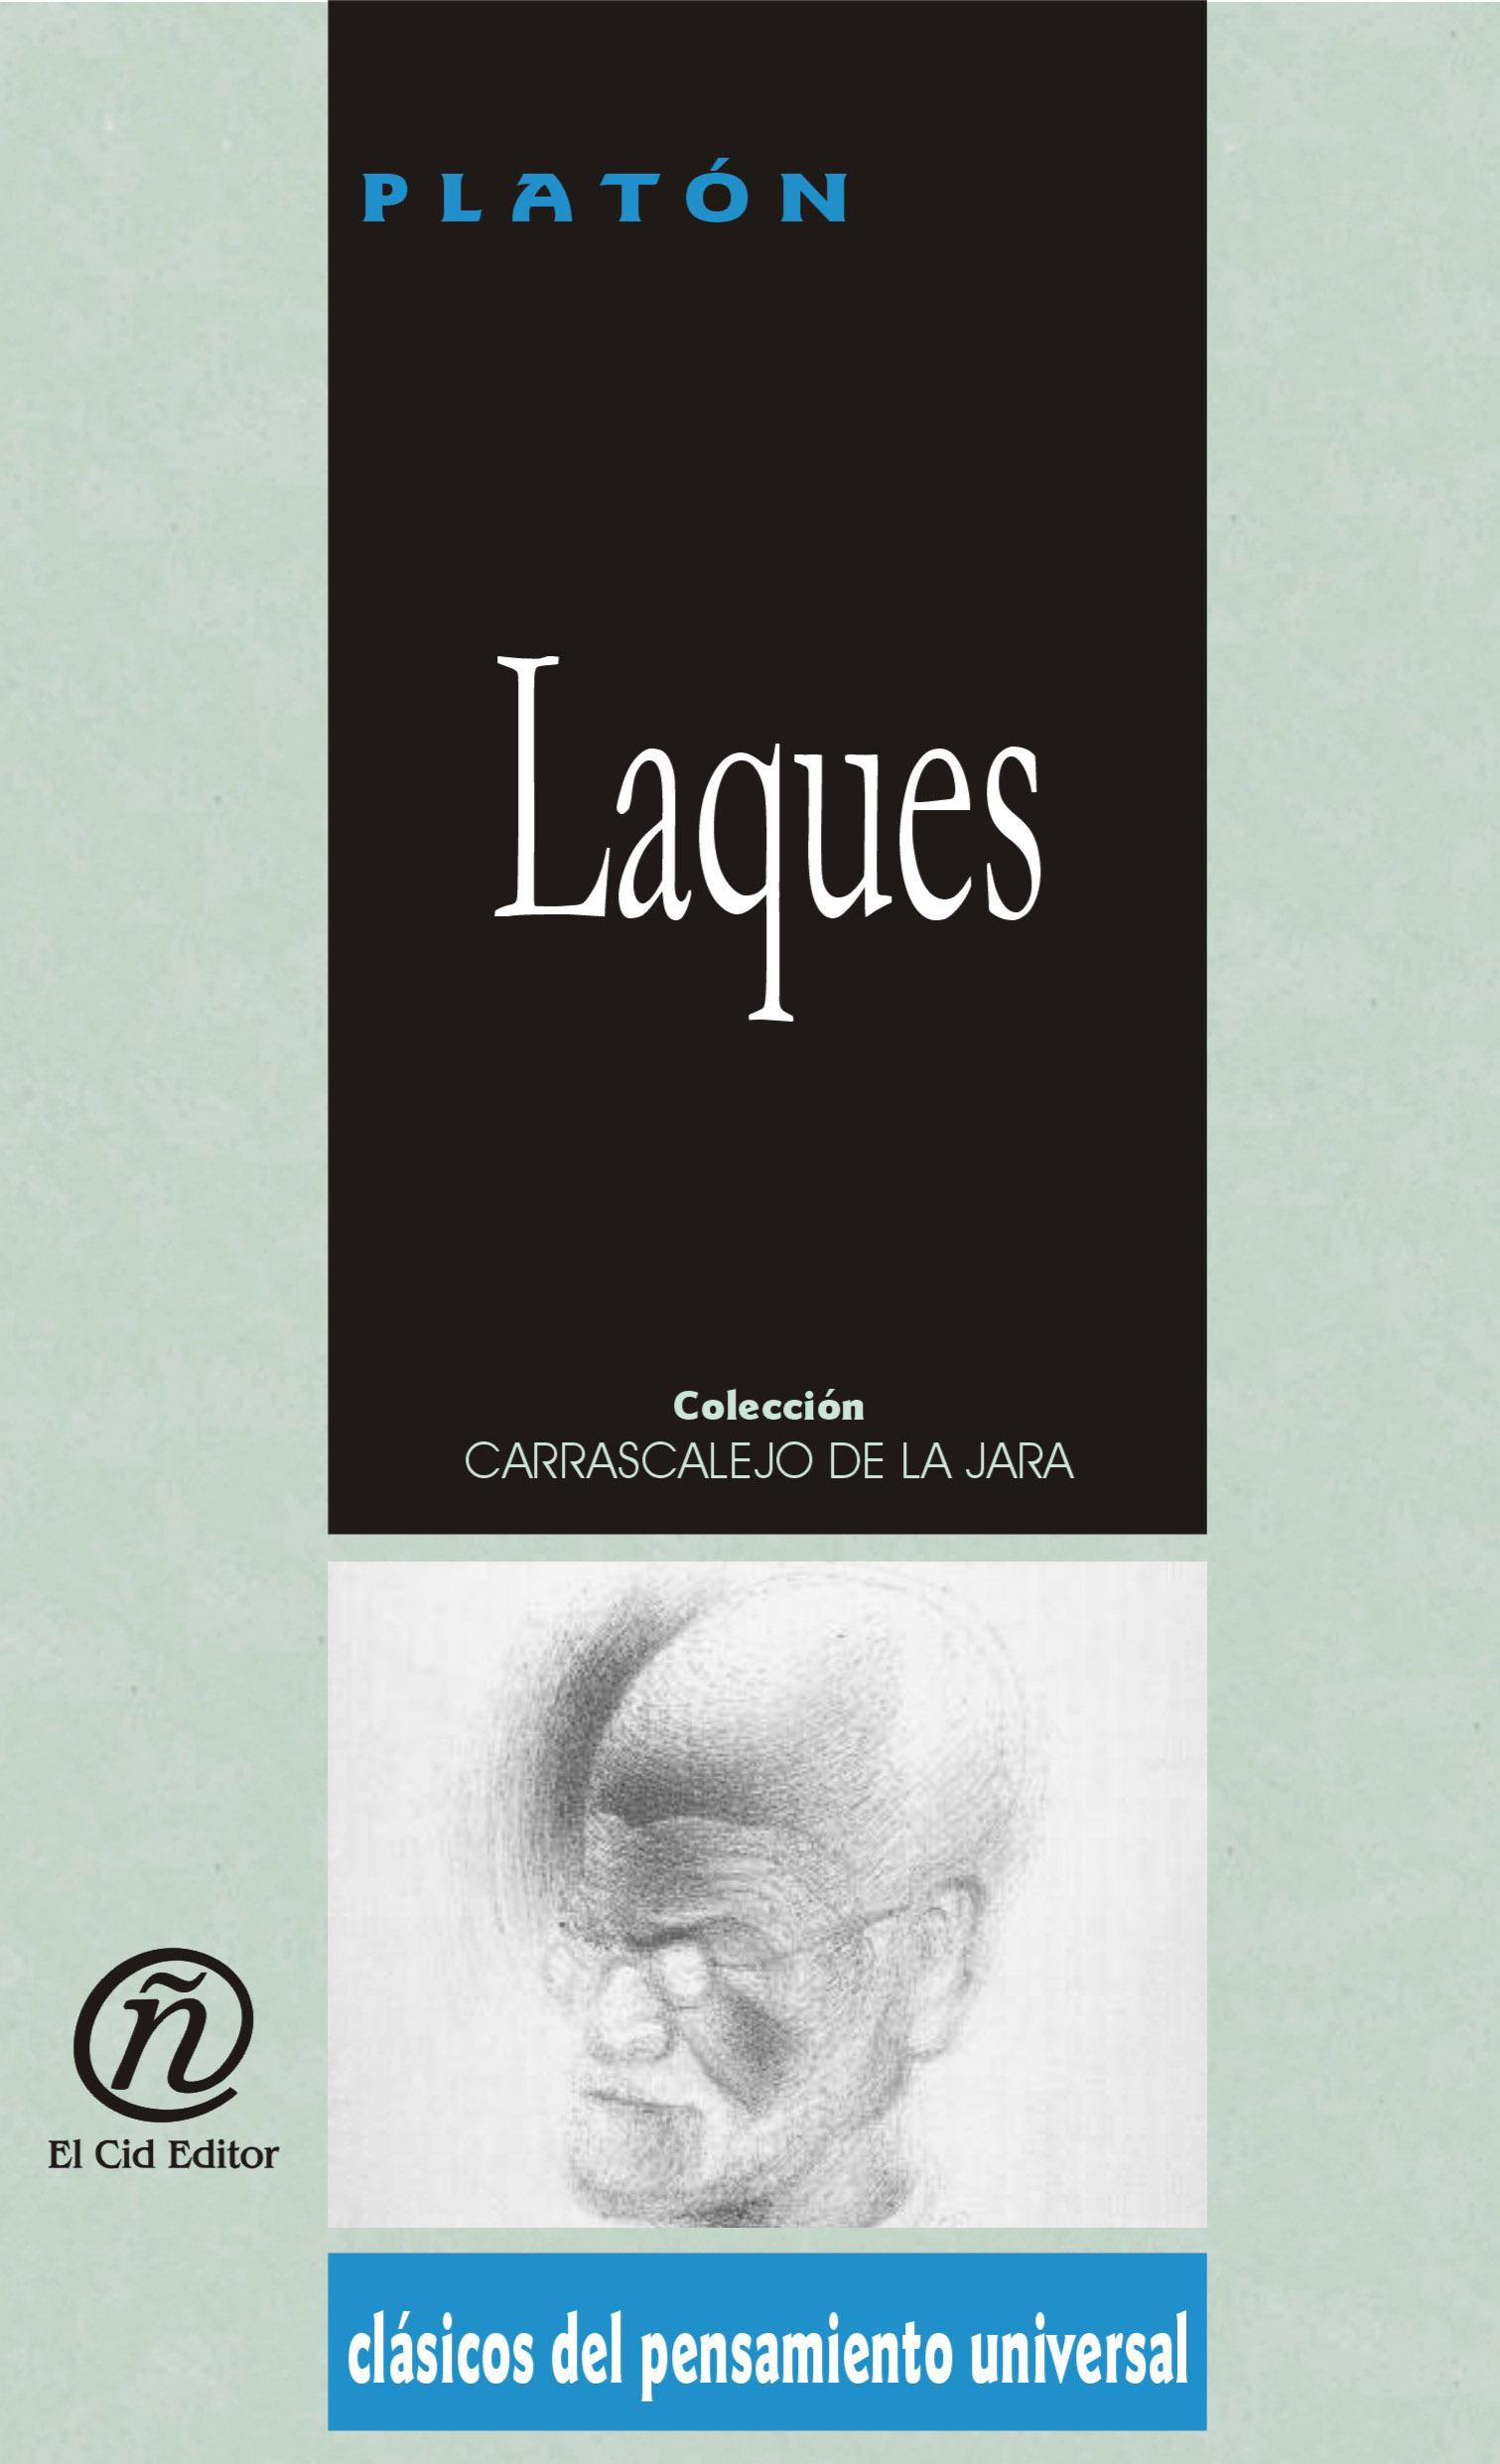 """Laques: Colecci?n de Cl?sicos del Pensamiento Universal """"Carrascalejo de la Jara"""""""